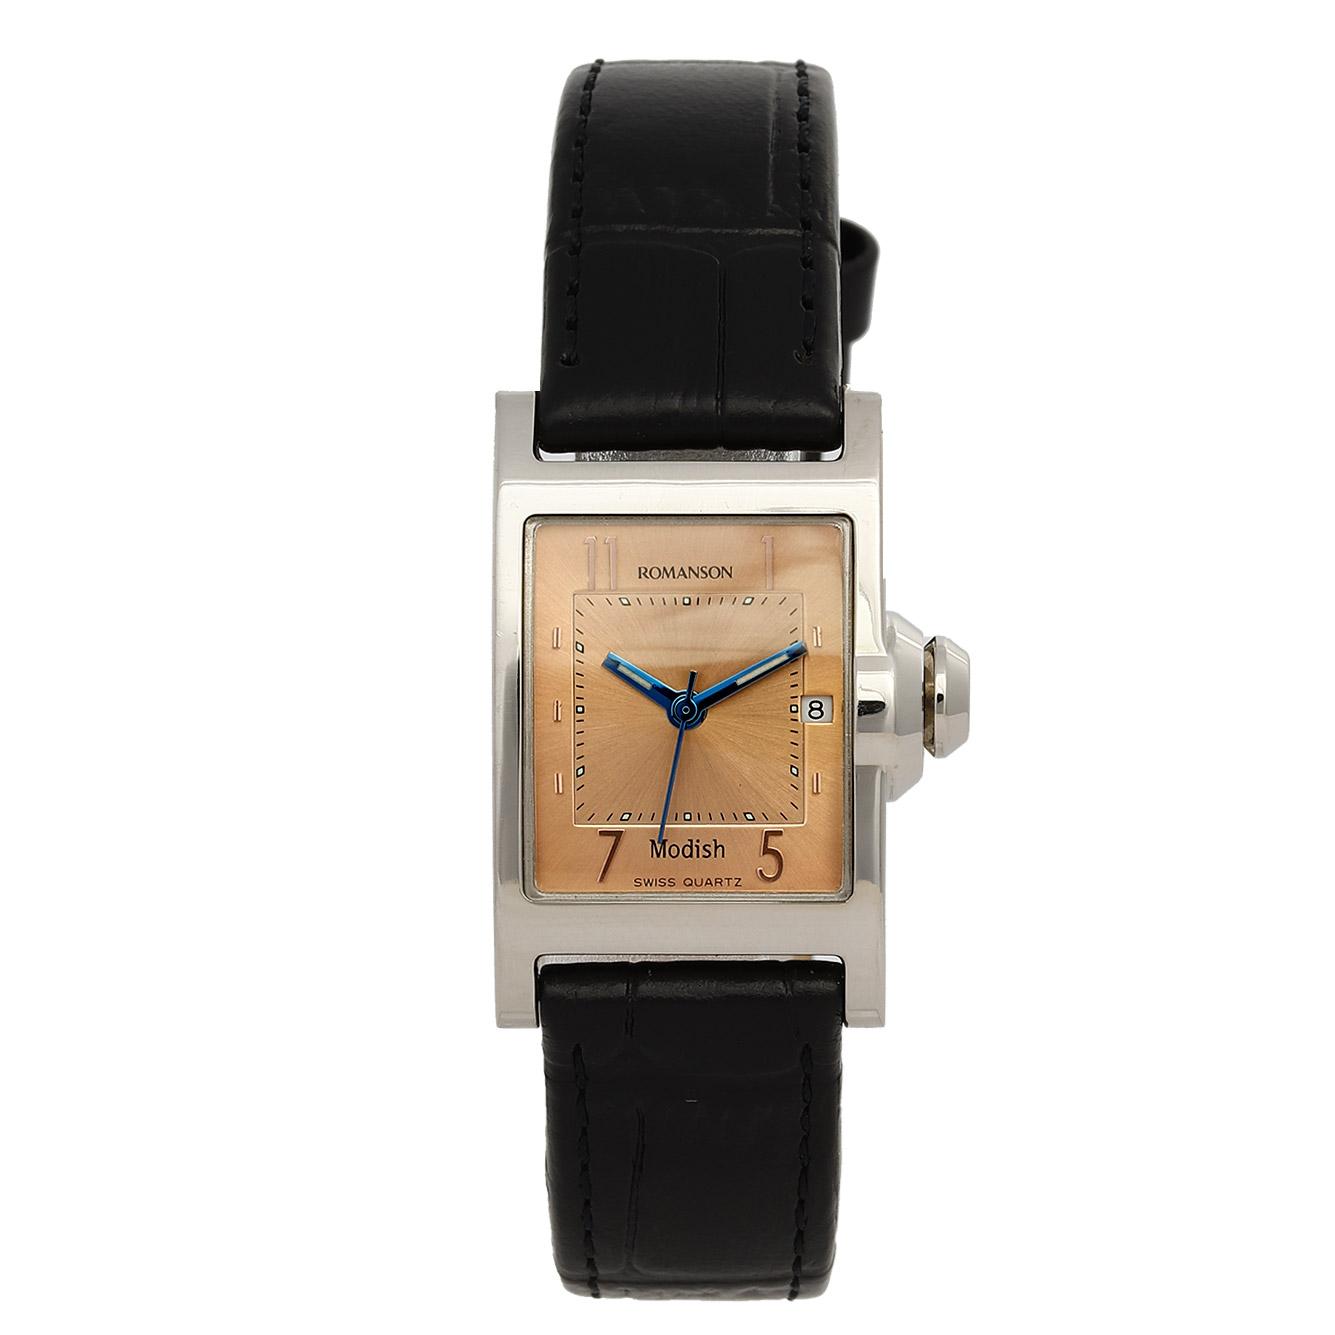 ساعت مچی عقربه ای زنانه رومانسون مدل DL4110LL1JAC6U 36